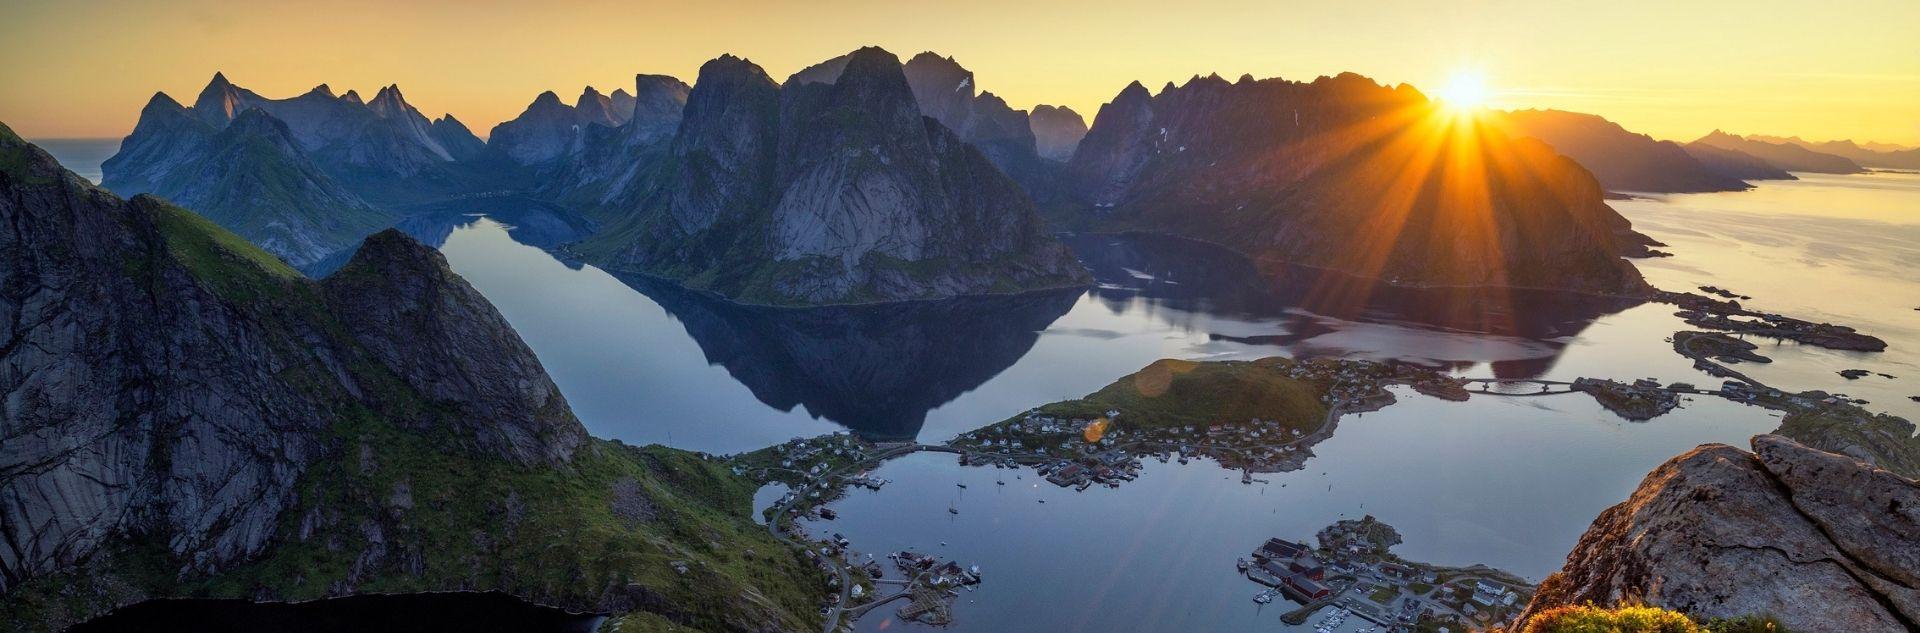 Reiseziel - Norwegen Landschaft